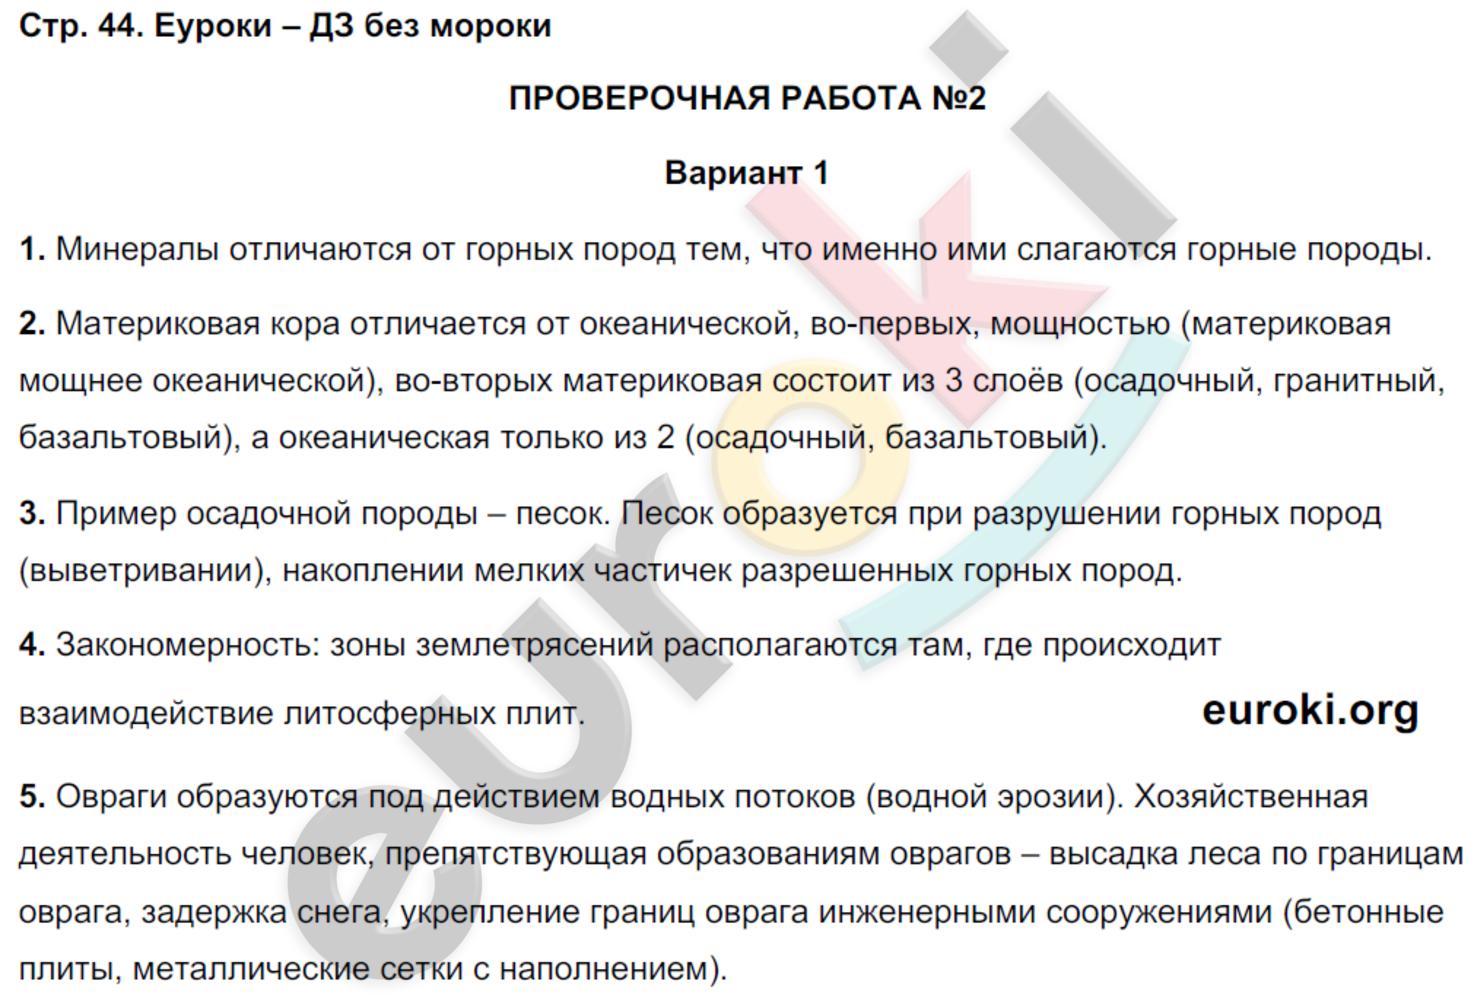 ГДЗ по географии 5 класс тетрадь экзаменатор Барабанов. Задание: стр. 44